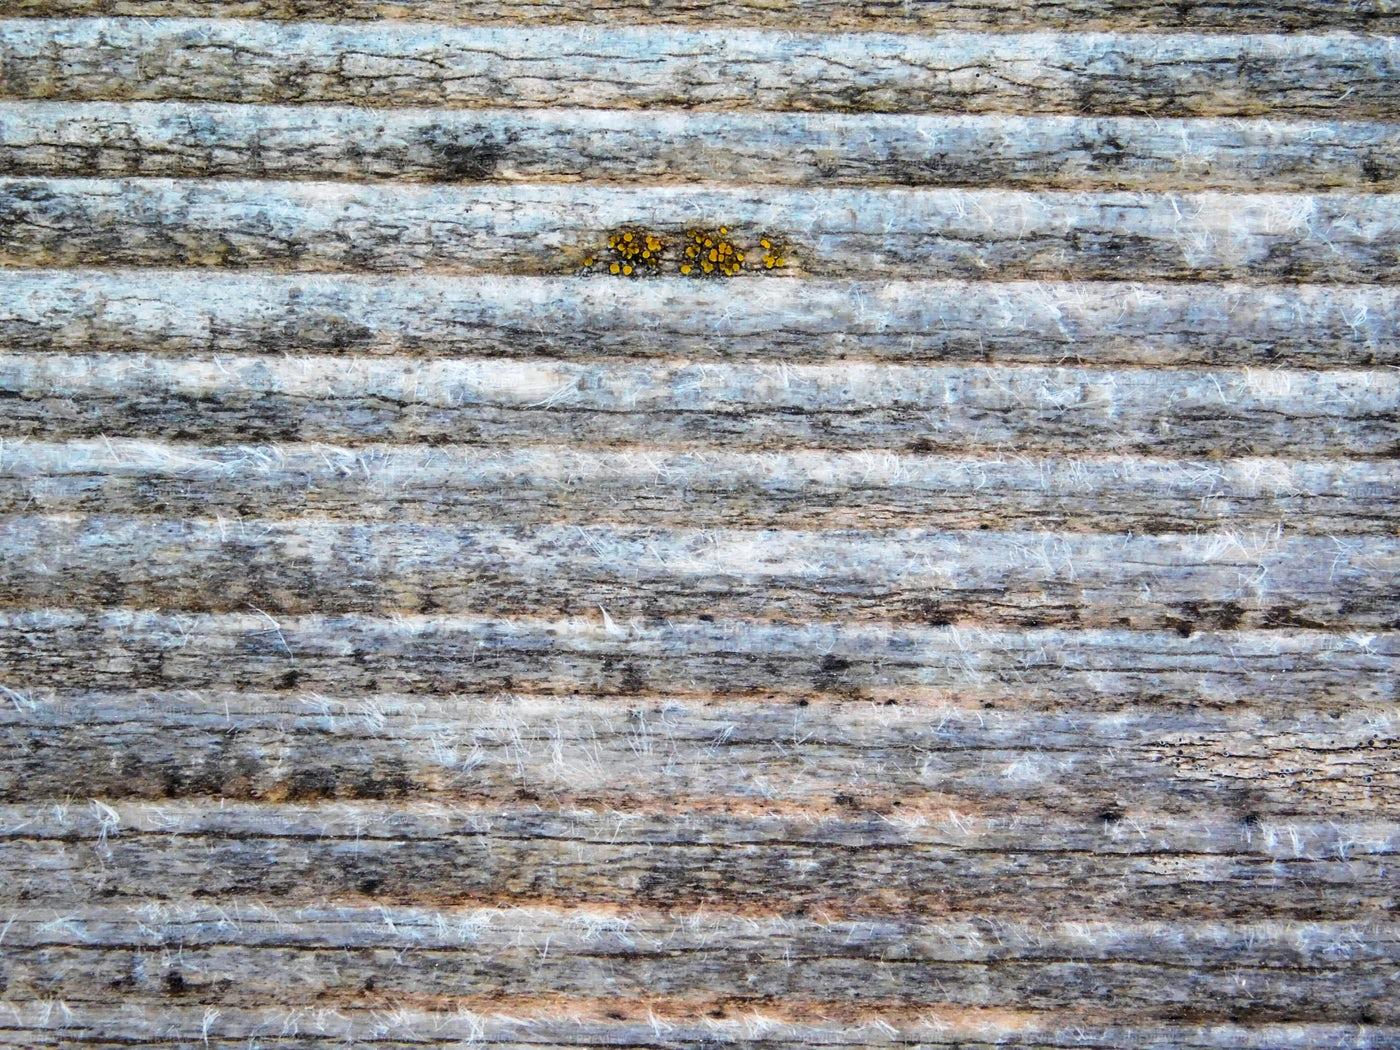 Bumpy Wood Texture: Stock Photos